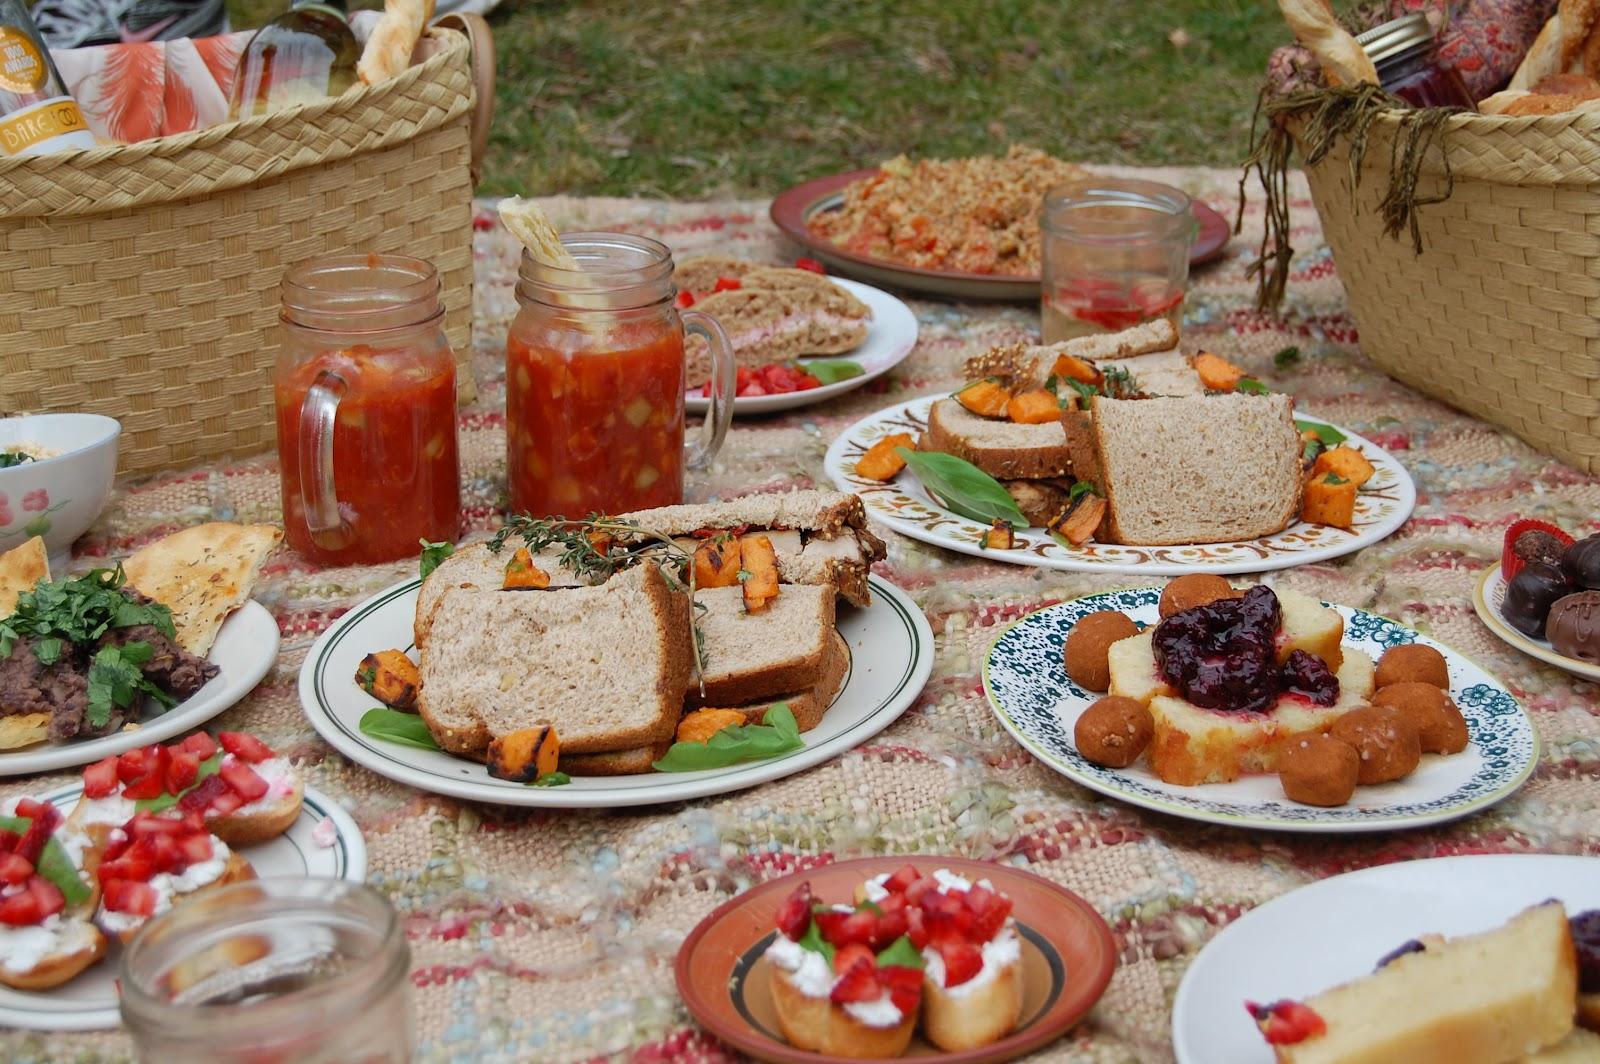 penn appétit: picnic playlist